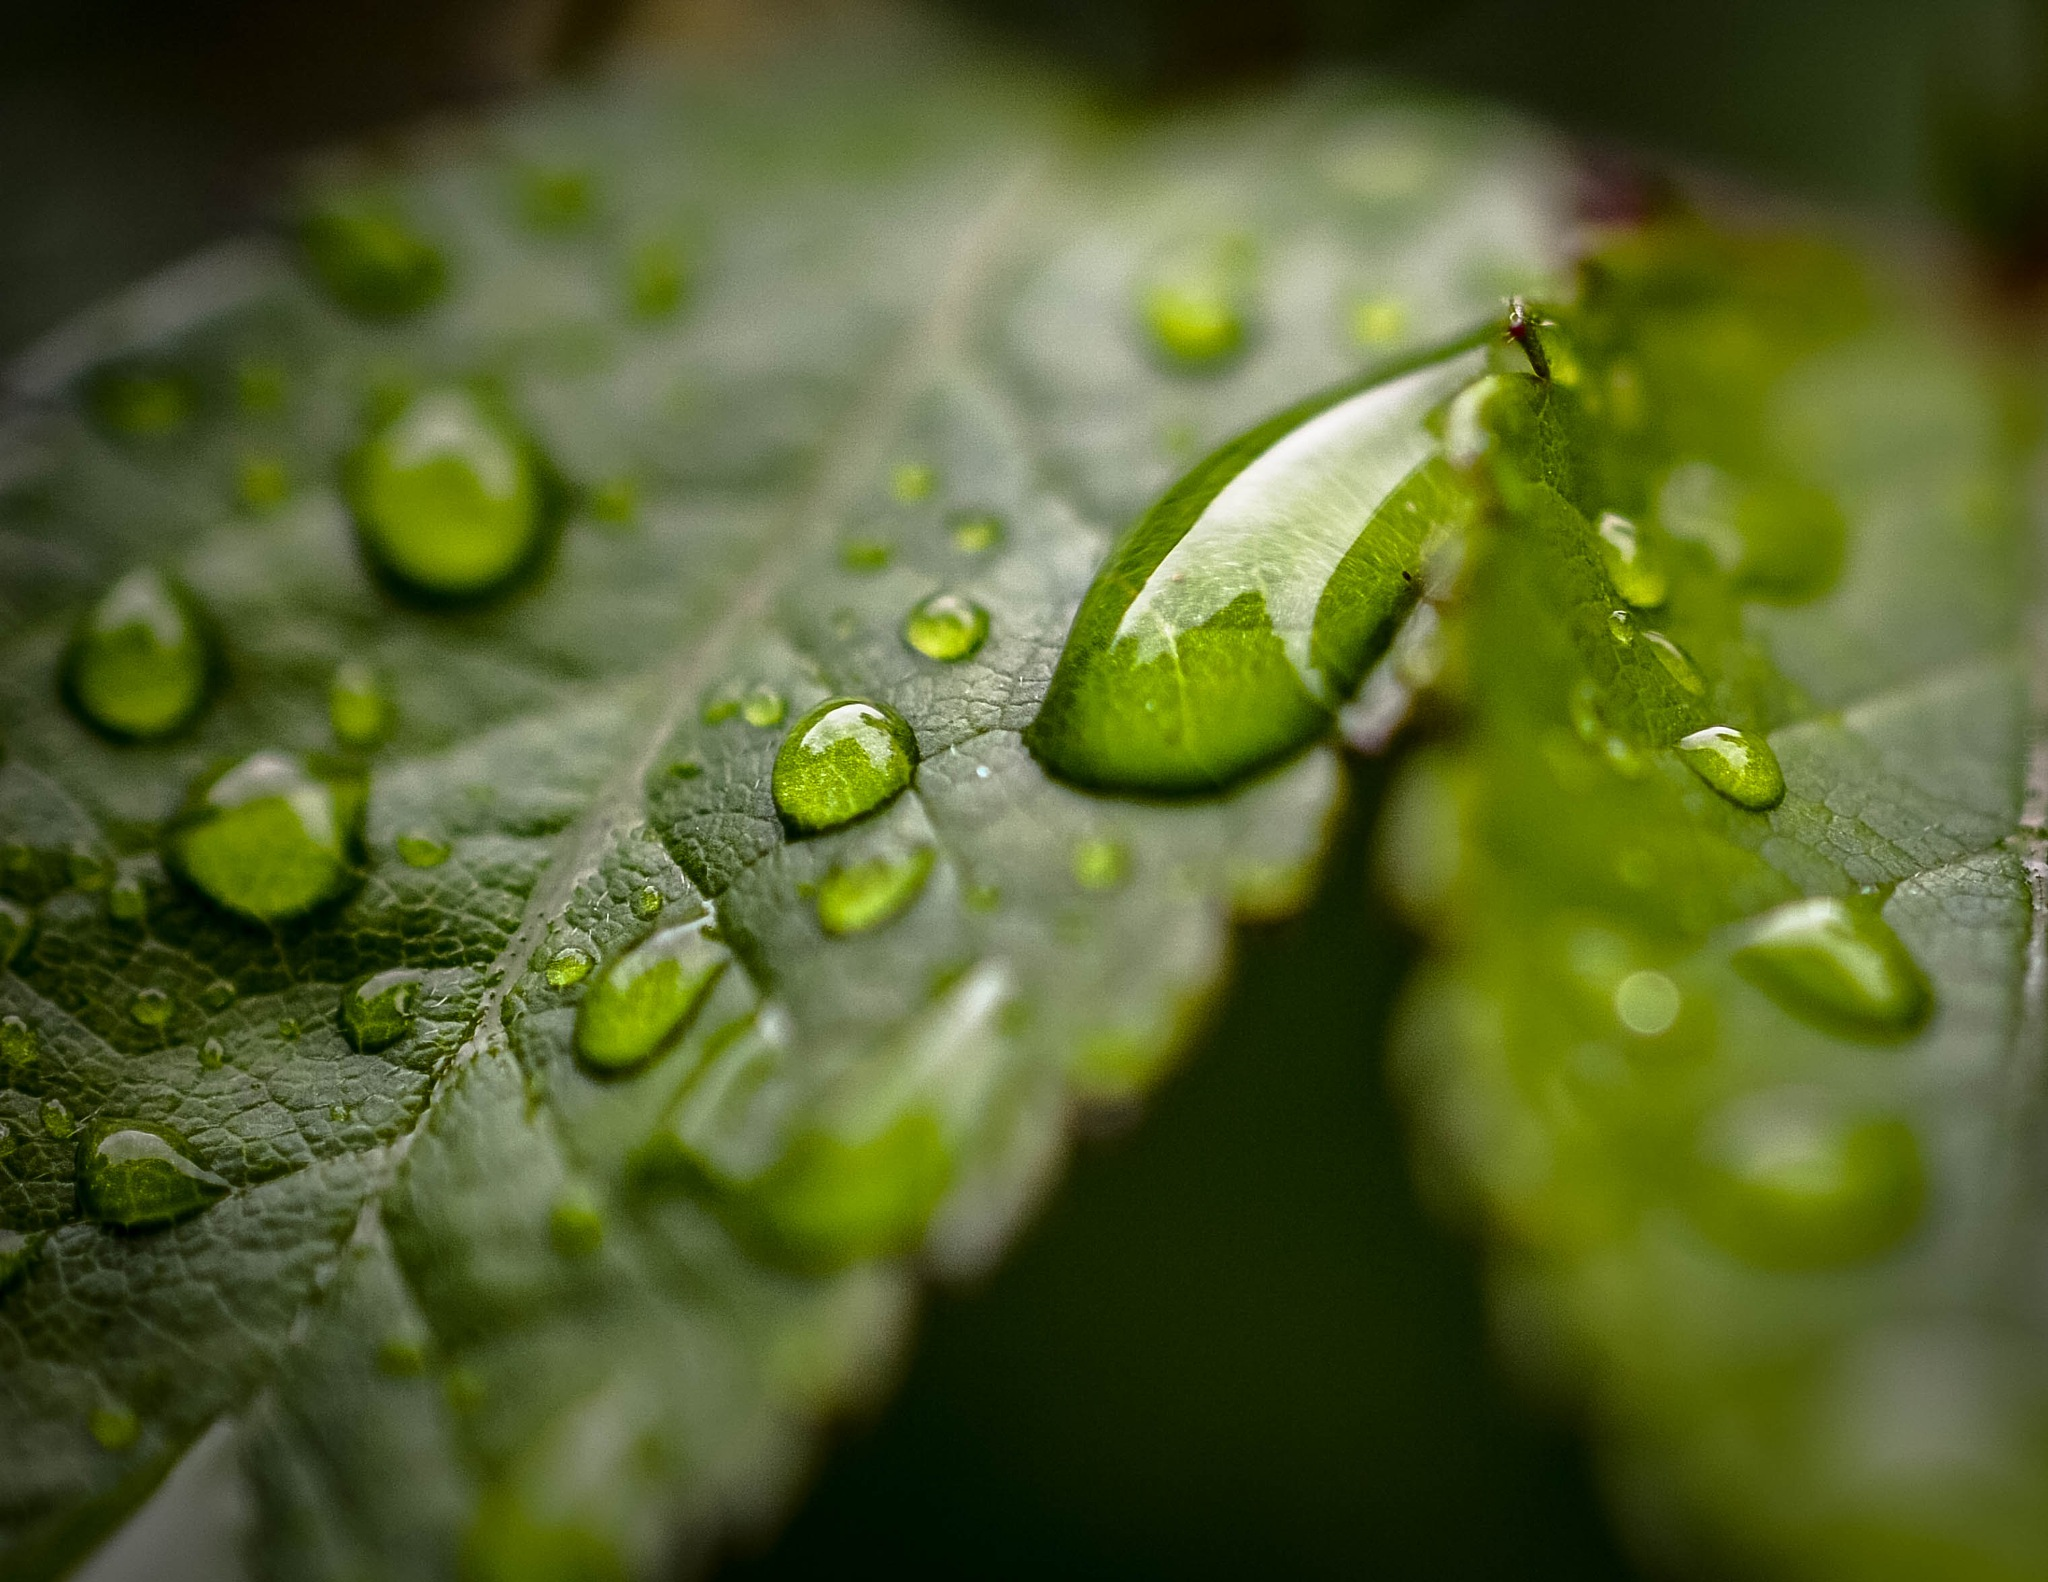 Rain by sue_duq